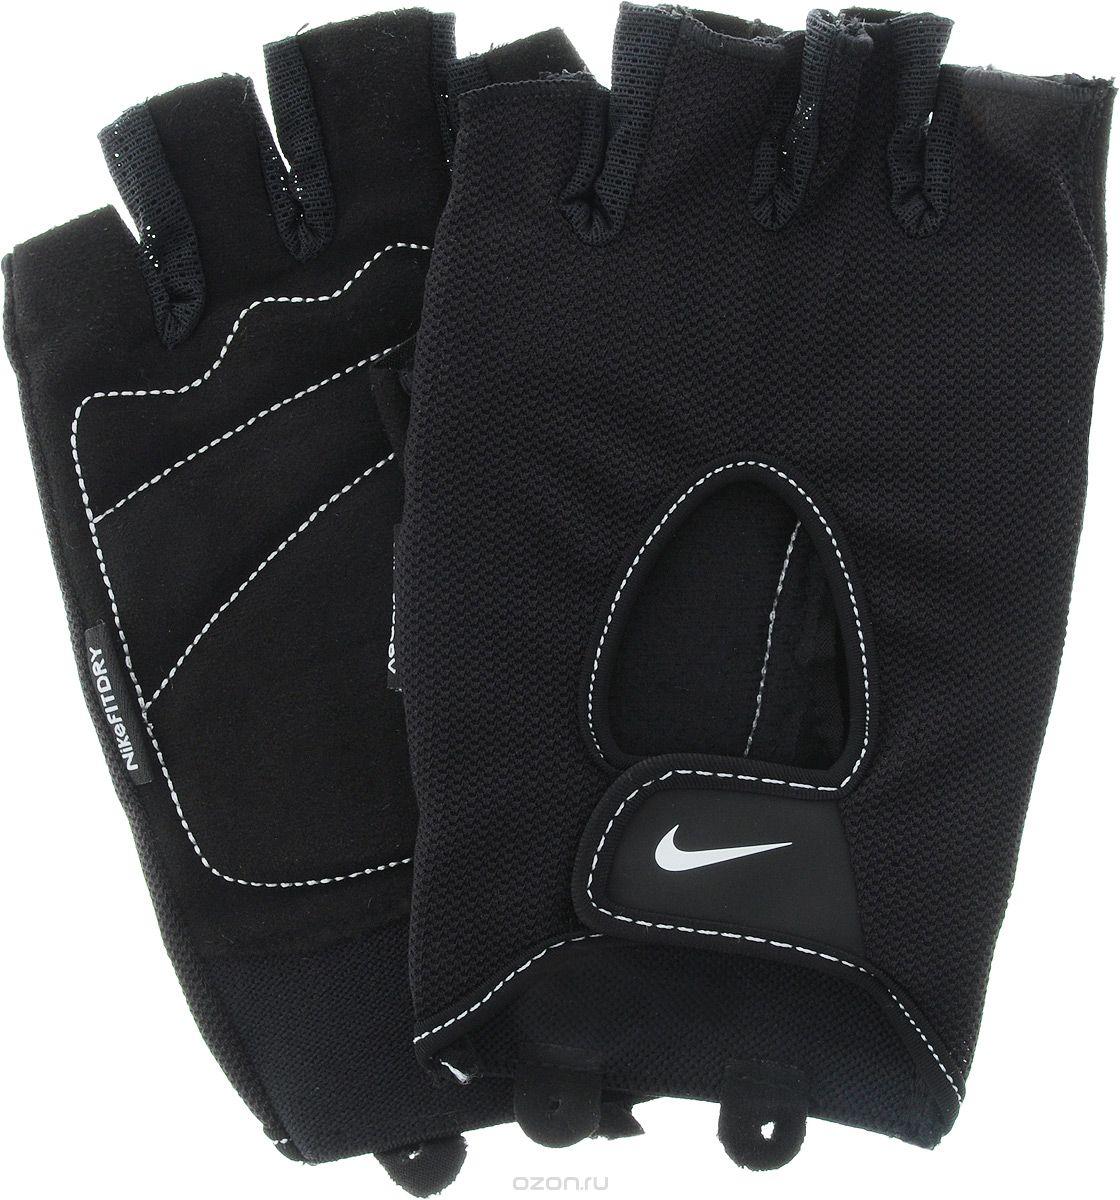 Перчатки для фитнеса мужские Nike Mens Fundamental Training Gloves, цвет: черный. Размер L9.092.053.037.Удобные перчатки Nike Mens Fundamental Training Gloves для фитнеса оформлены цветным логотипом бренда Nike. Трафаретная печать swoosh-лого на внешней стороне модели обеспечивает моментальную идентификацию бренда.Ладонь прошита в линиях сгиба, обеспечивая тем самым необходимое смягчение в самых важных зонах. Внутренняя часть перчаток выполнена из мягкой искусственной замши, что обеспечивает комфорт и долговечность в использовании данного аксессуара.Регулируемая застежка на запястье обеспечивает надежную посадку.